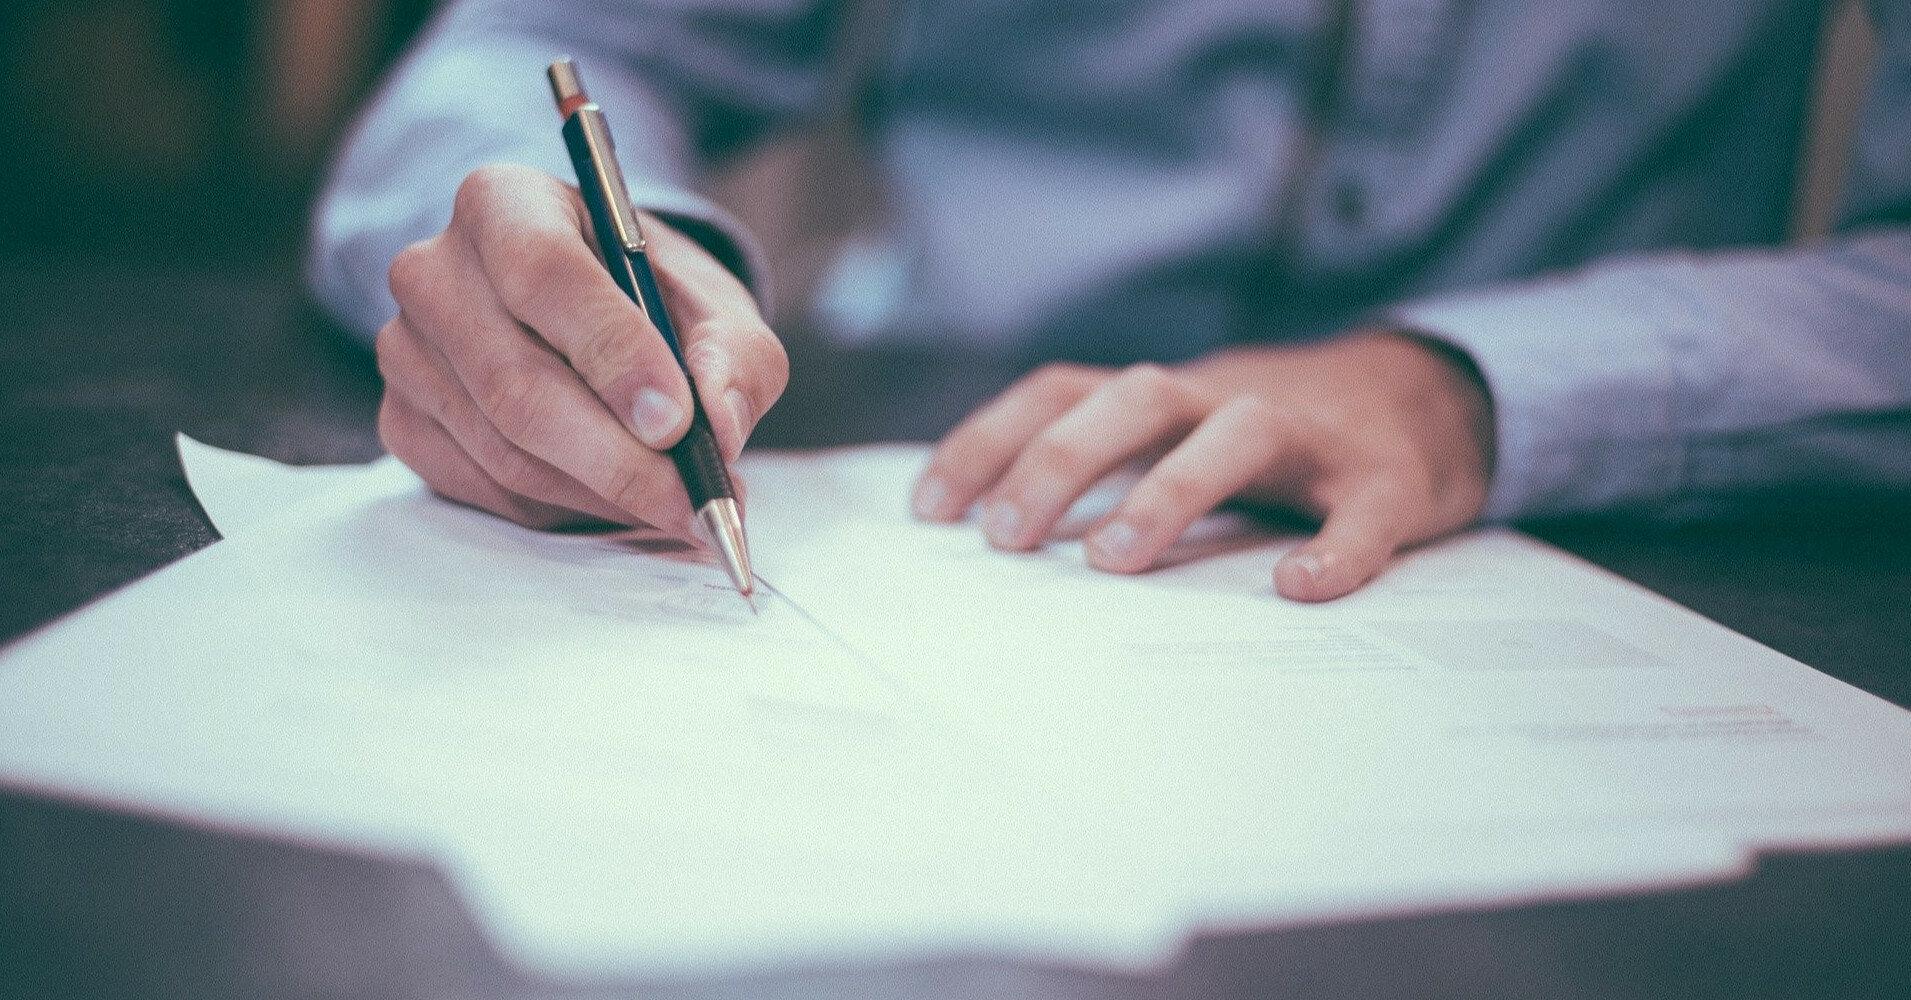 Оформление субсидии: пять способов подать заявление